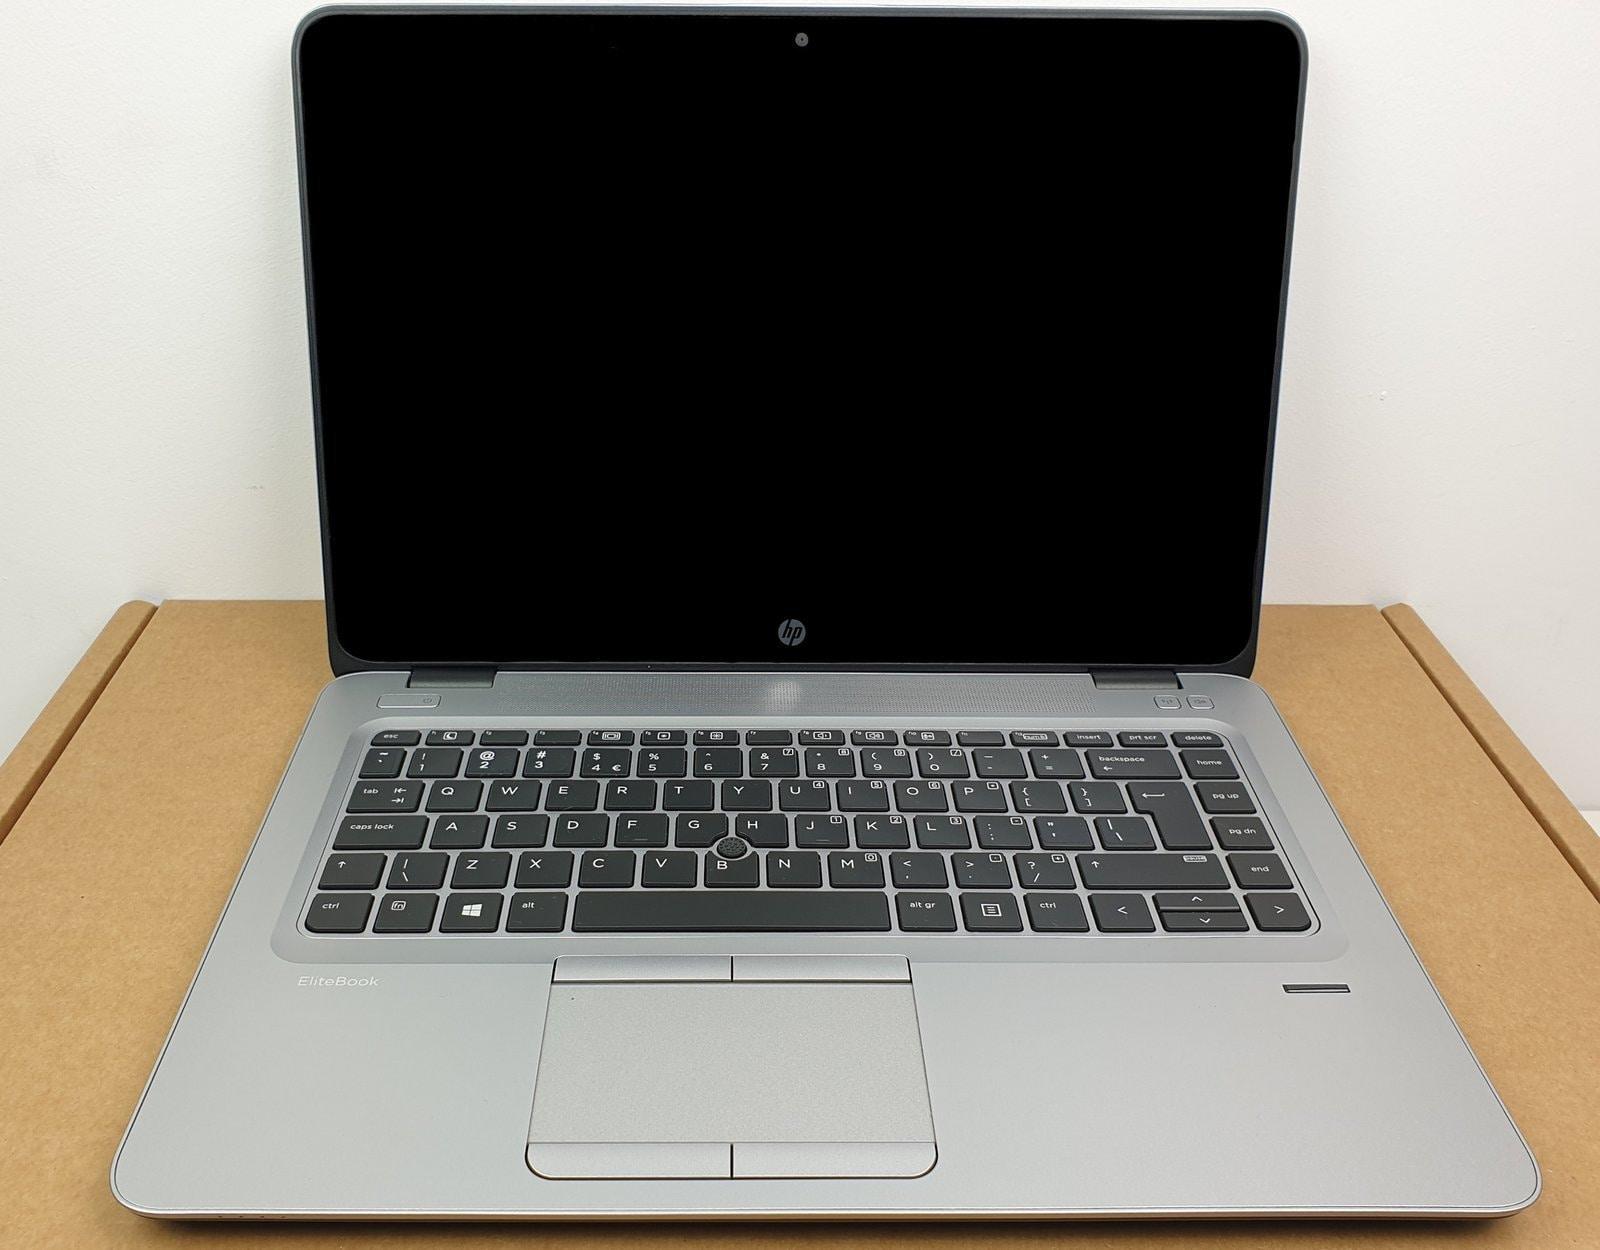 Laptop HP EliteBook 840 G3 i7 - 6 generacji / 16 GB / 480 GB SSD / 14 FullHD DOTYK / Klasa A- - 2